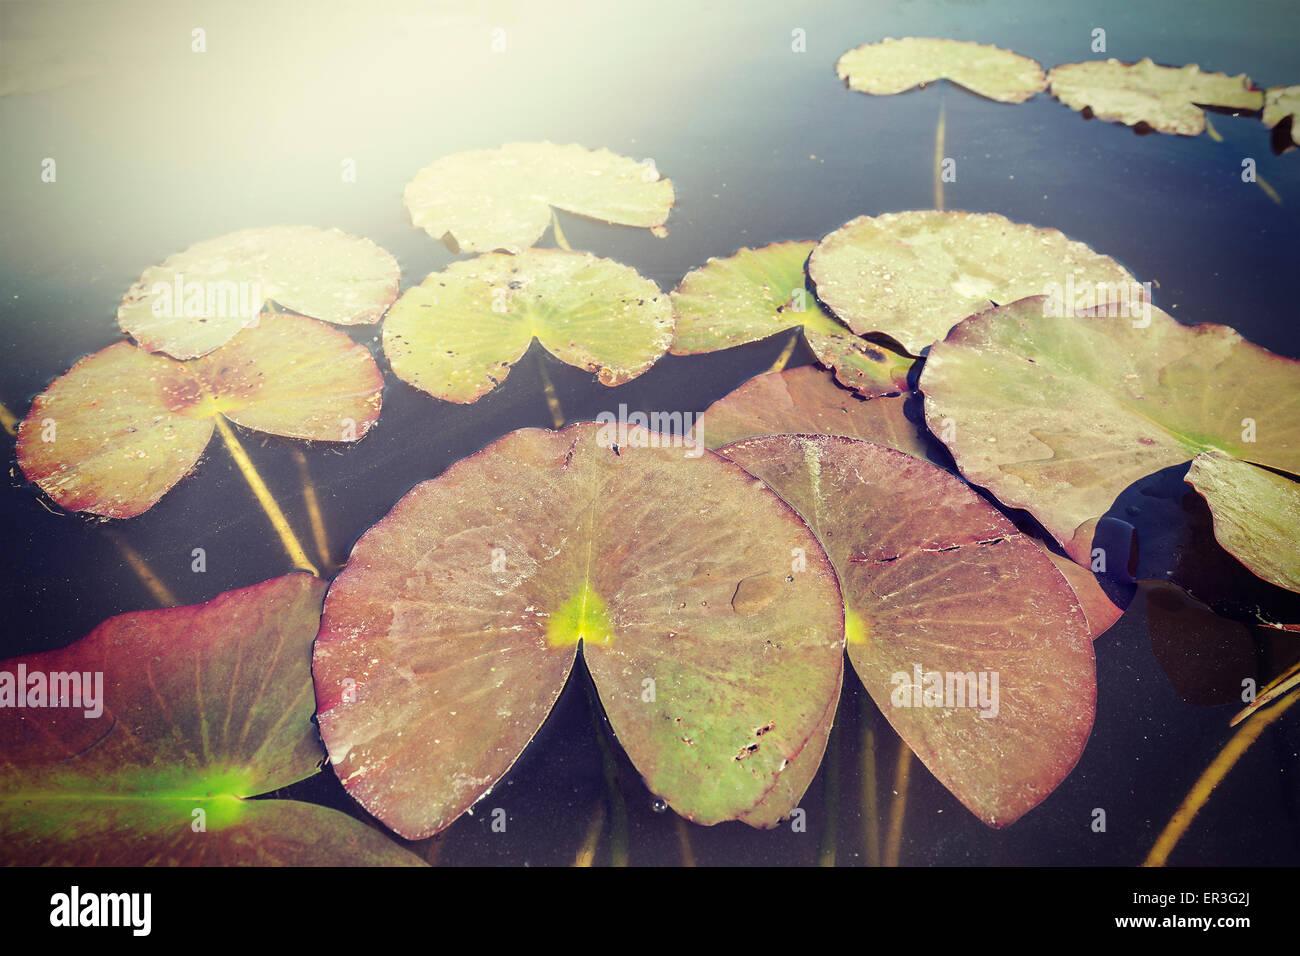 Vintage getönten Seerosen, Natur Hintergrund, geringe Schärfentiefe. Stockbild